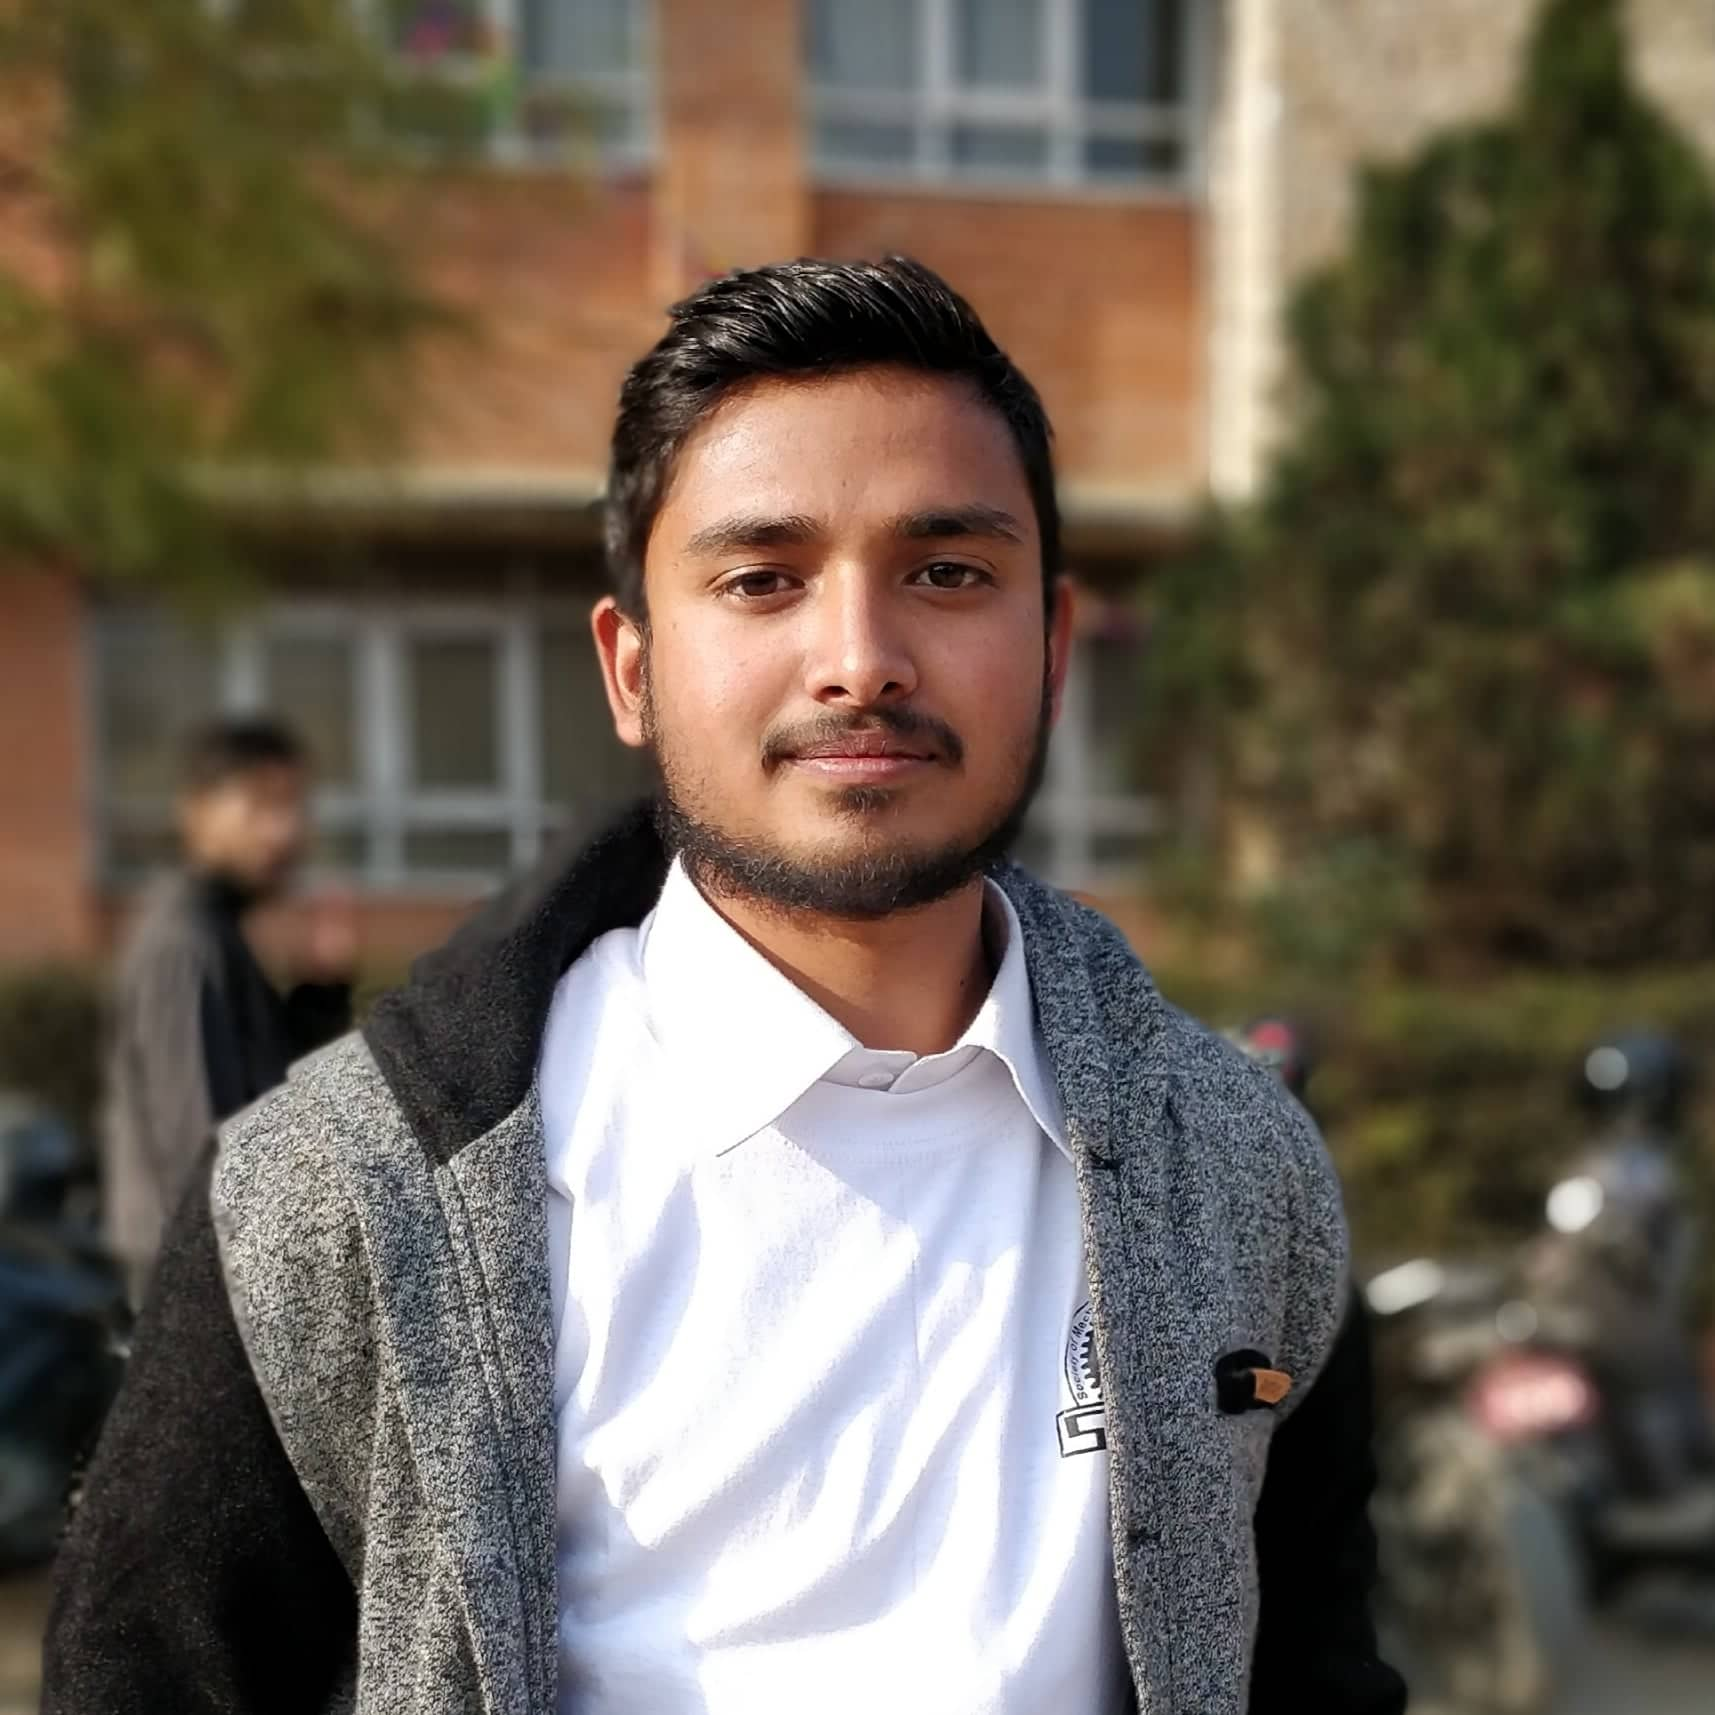 Aakash Sarraf